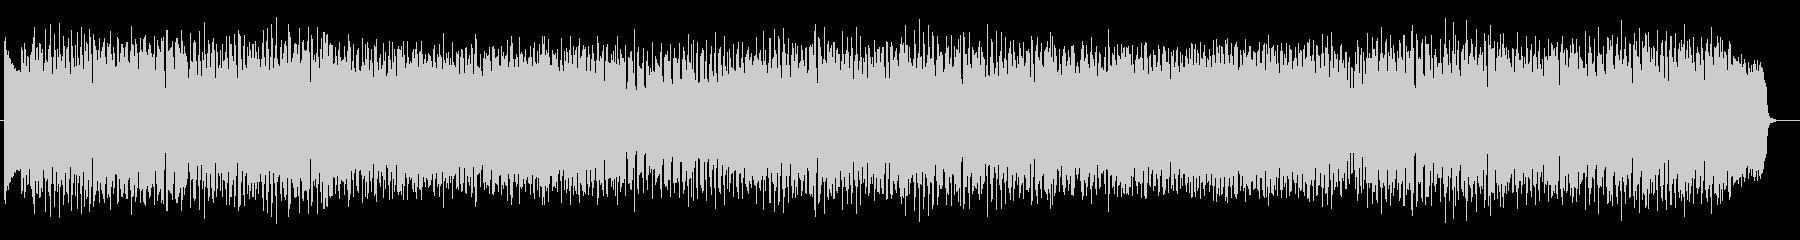 シンセサイザーを使った明るくポップな曲の未再生の波形